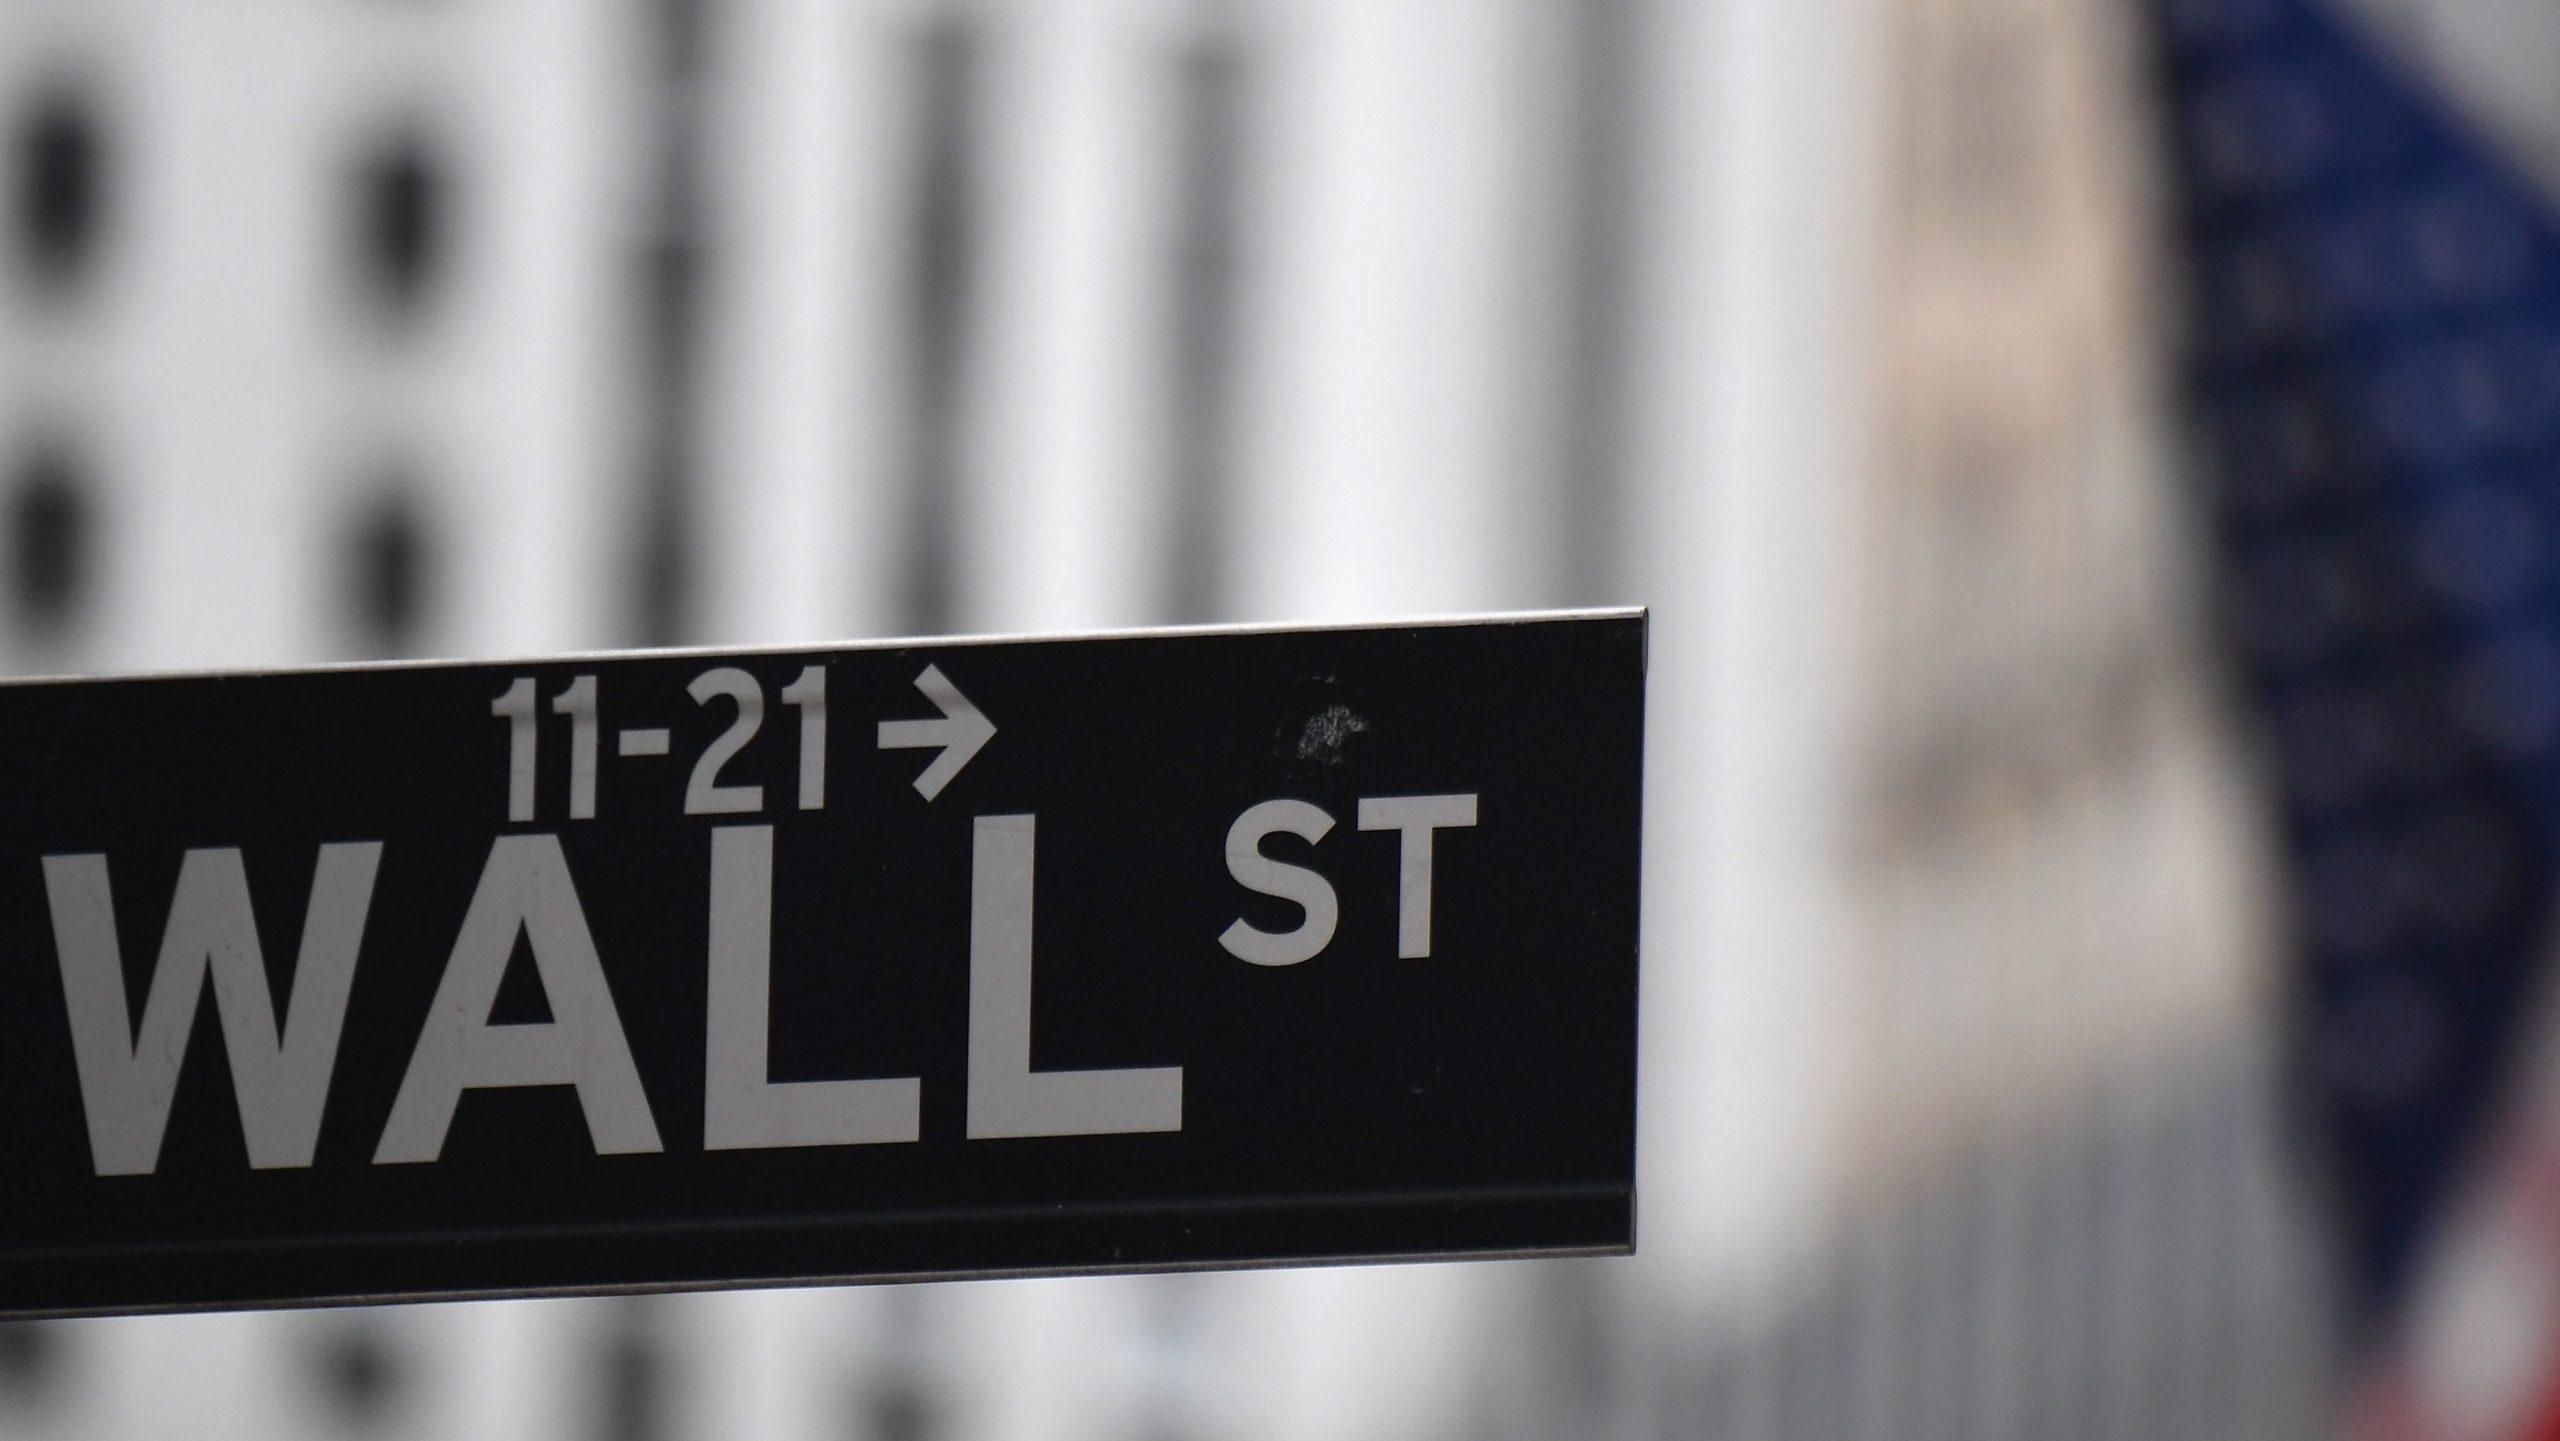 سهام نزدک انتخابات scaled - بررسی دلایل اصلاح شاخص S&P 500